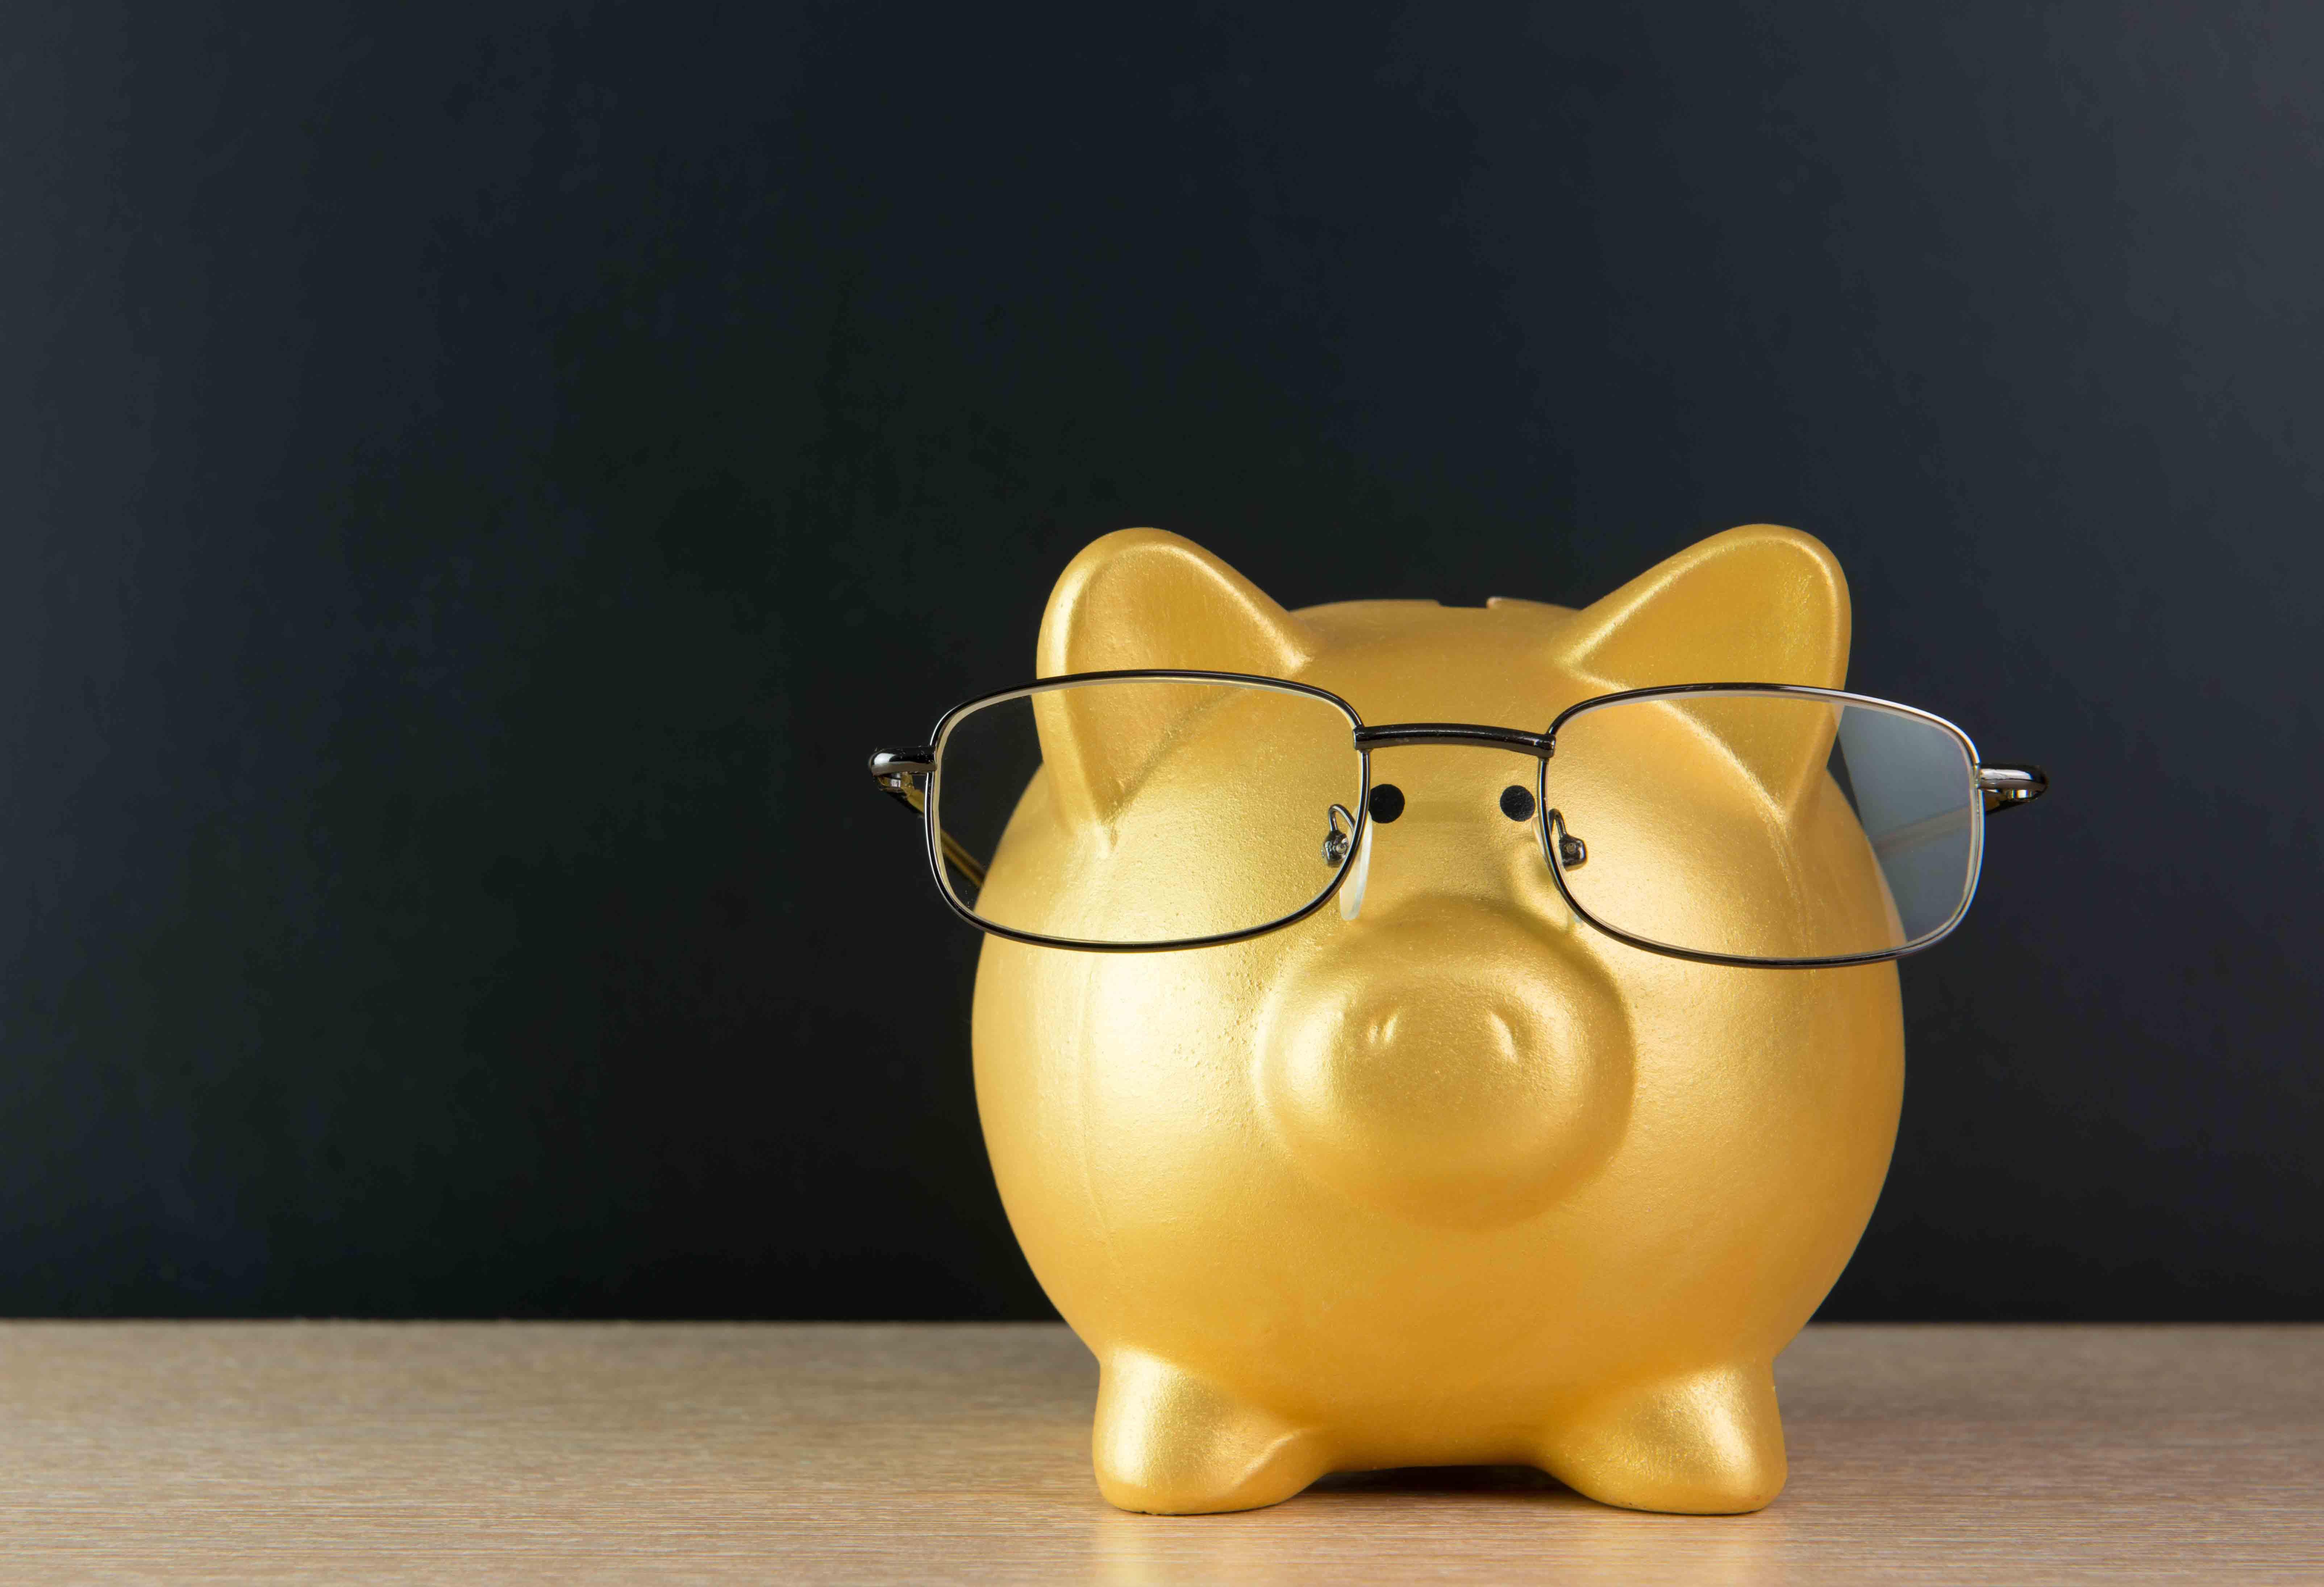 La réforme des plans d'épargne retraite dans le cadre de la Loi PACTE : que faut-il savoir ?